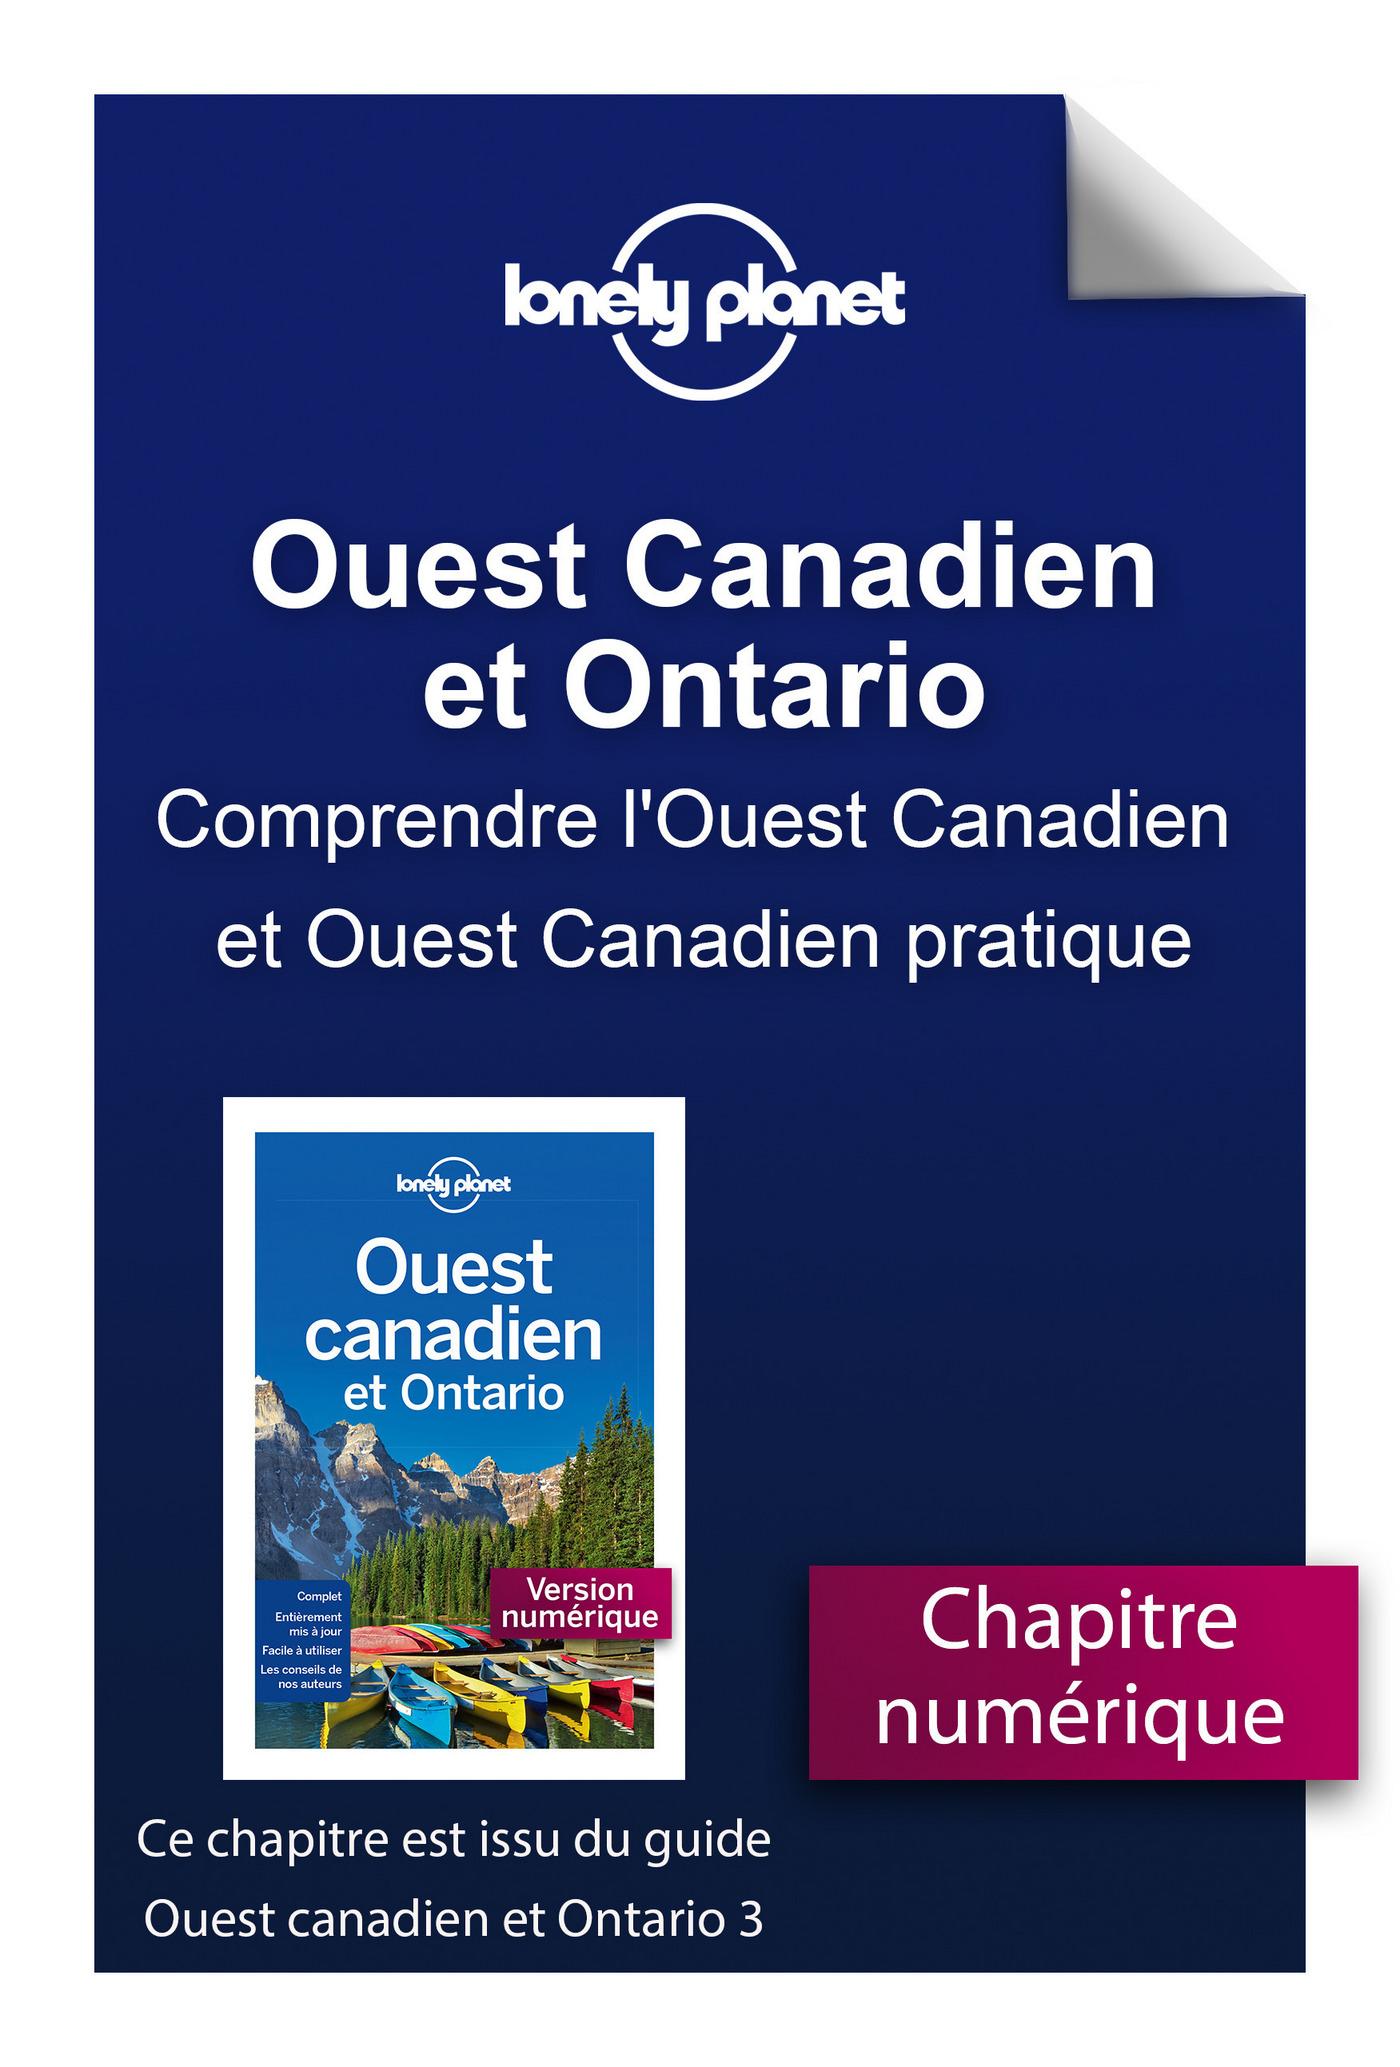 Ouest Canadien et Ontario 3 - Comprendre l'Ouest Canadien et Ouest Canadien pratique